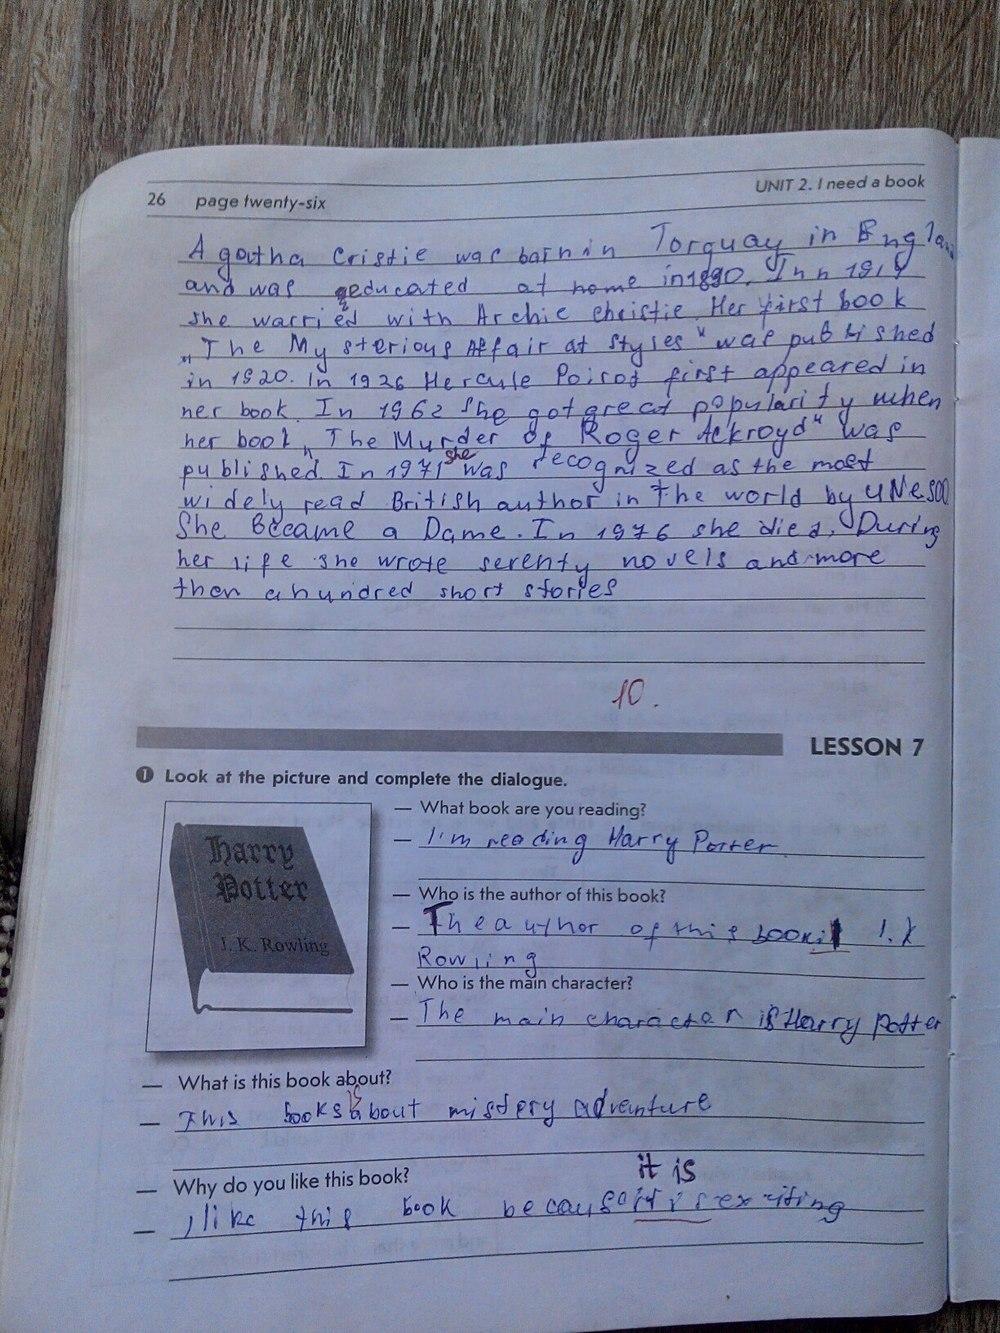 ГДЗ відповіді робочий зошит по английскому языку 8 класс О.М. Павліченко. Задание: стр. 26